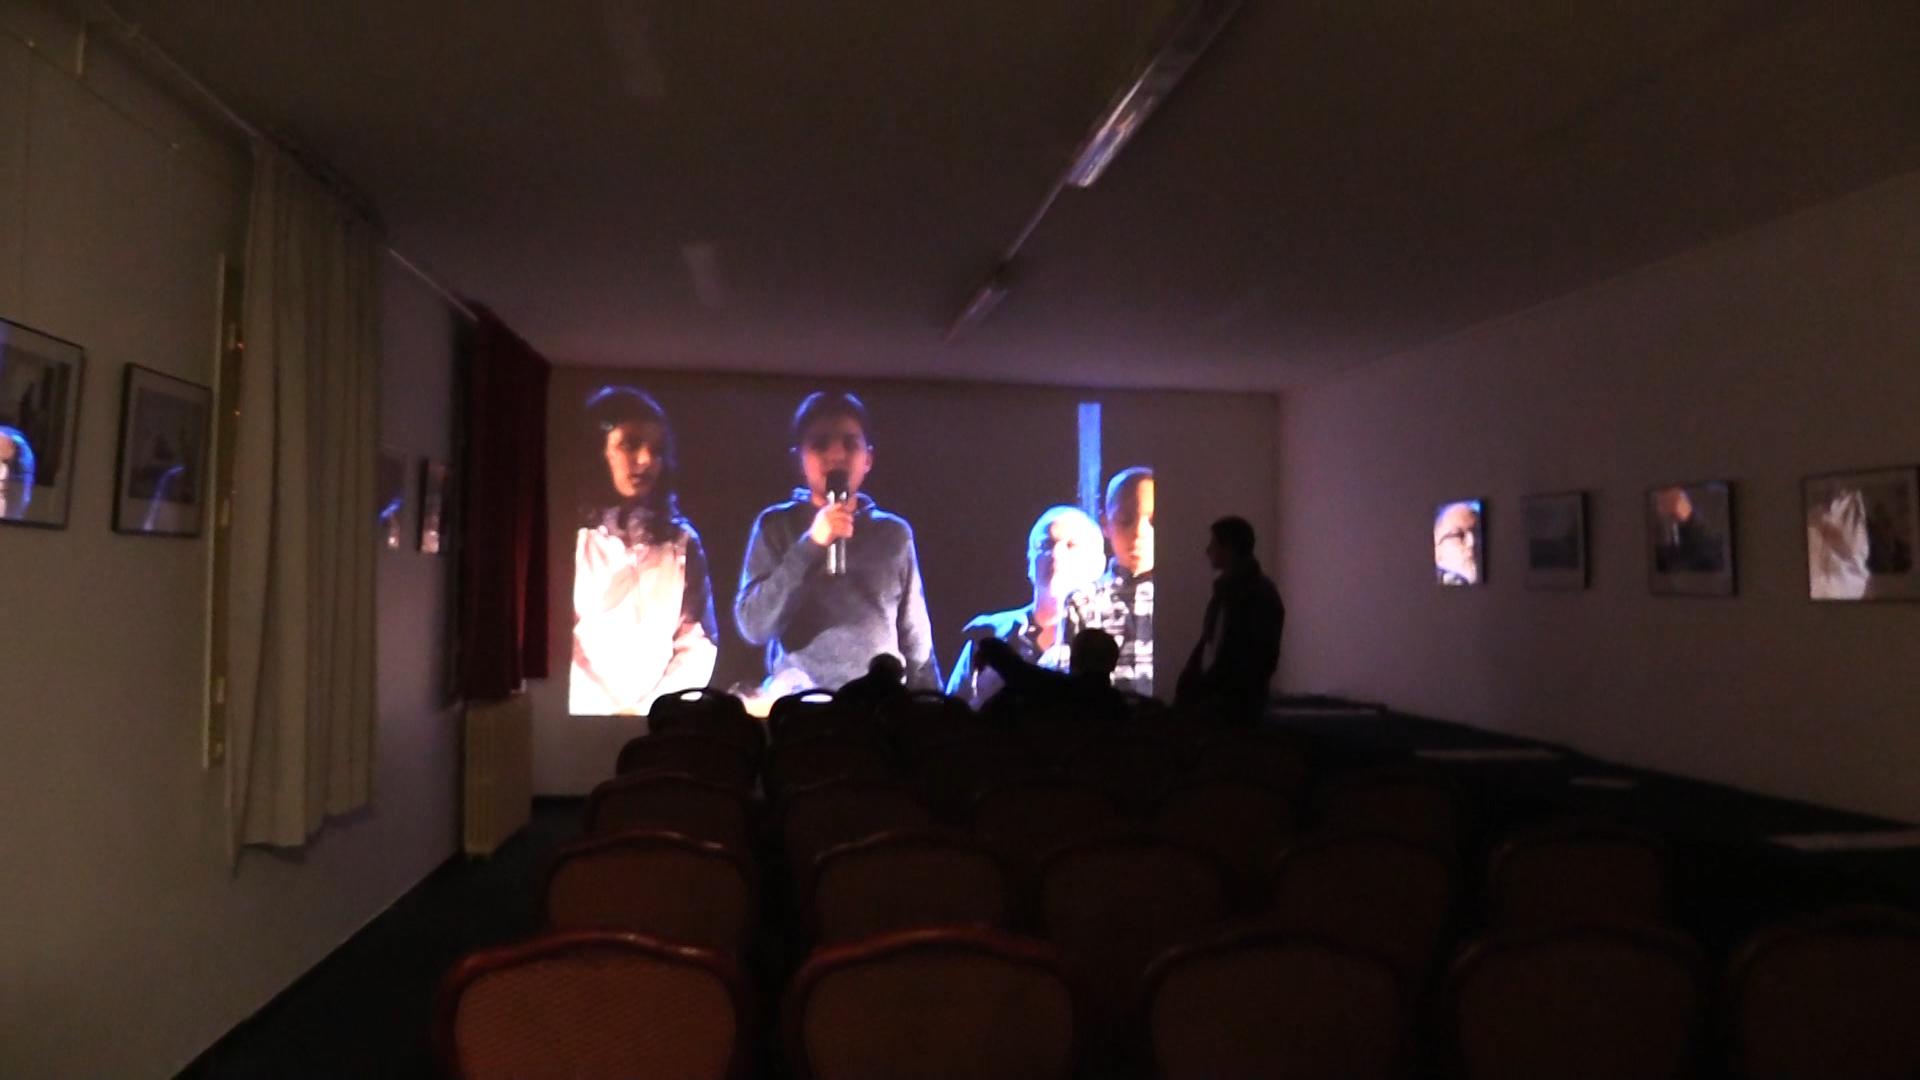 Au 1er étage, Salle de réunion et de projection